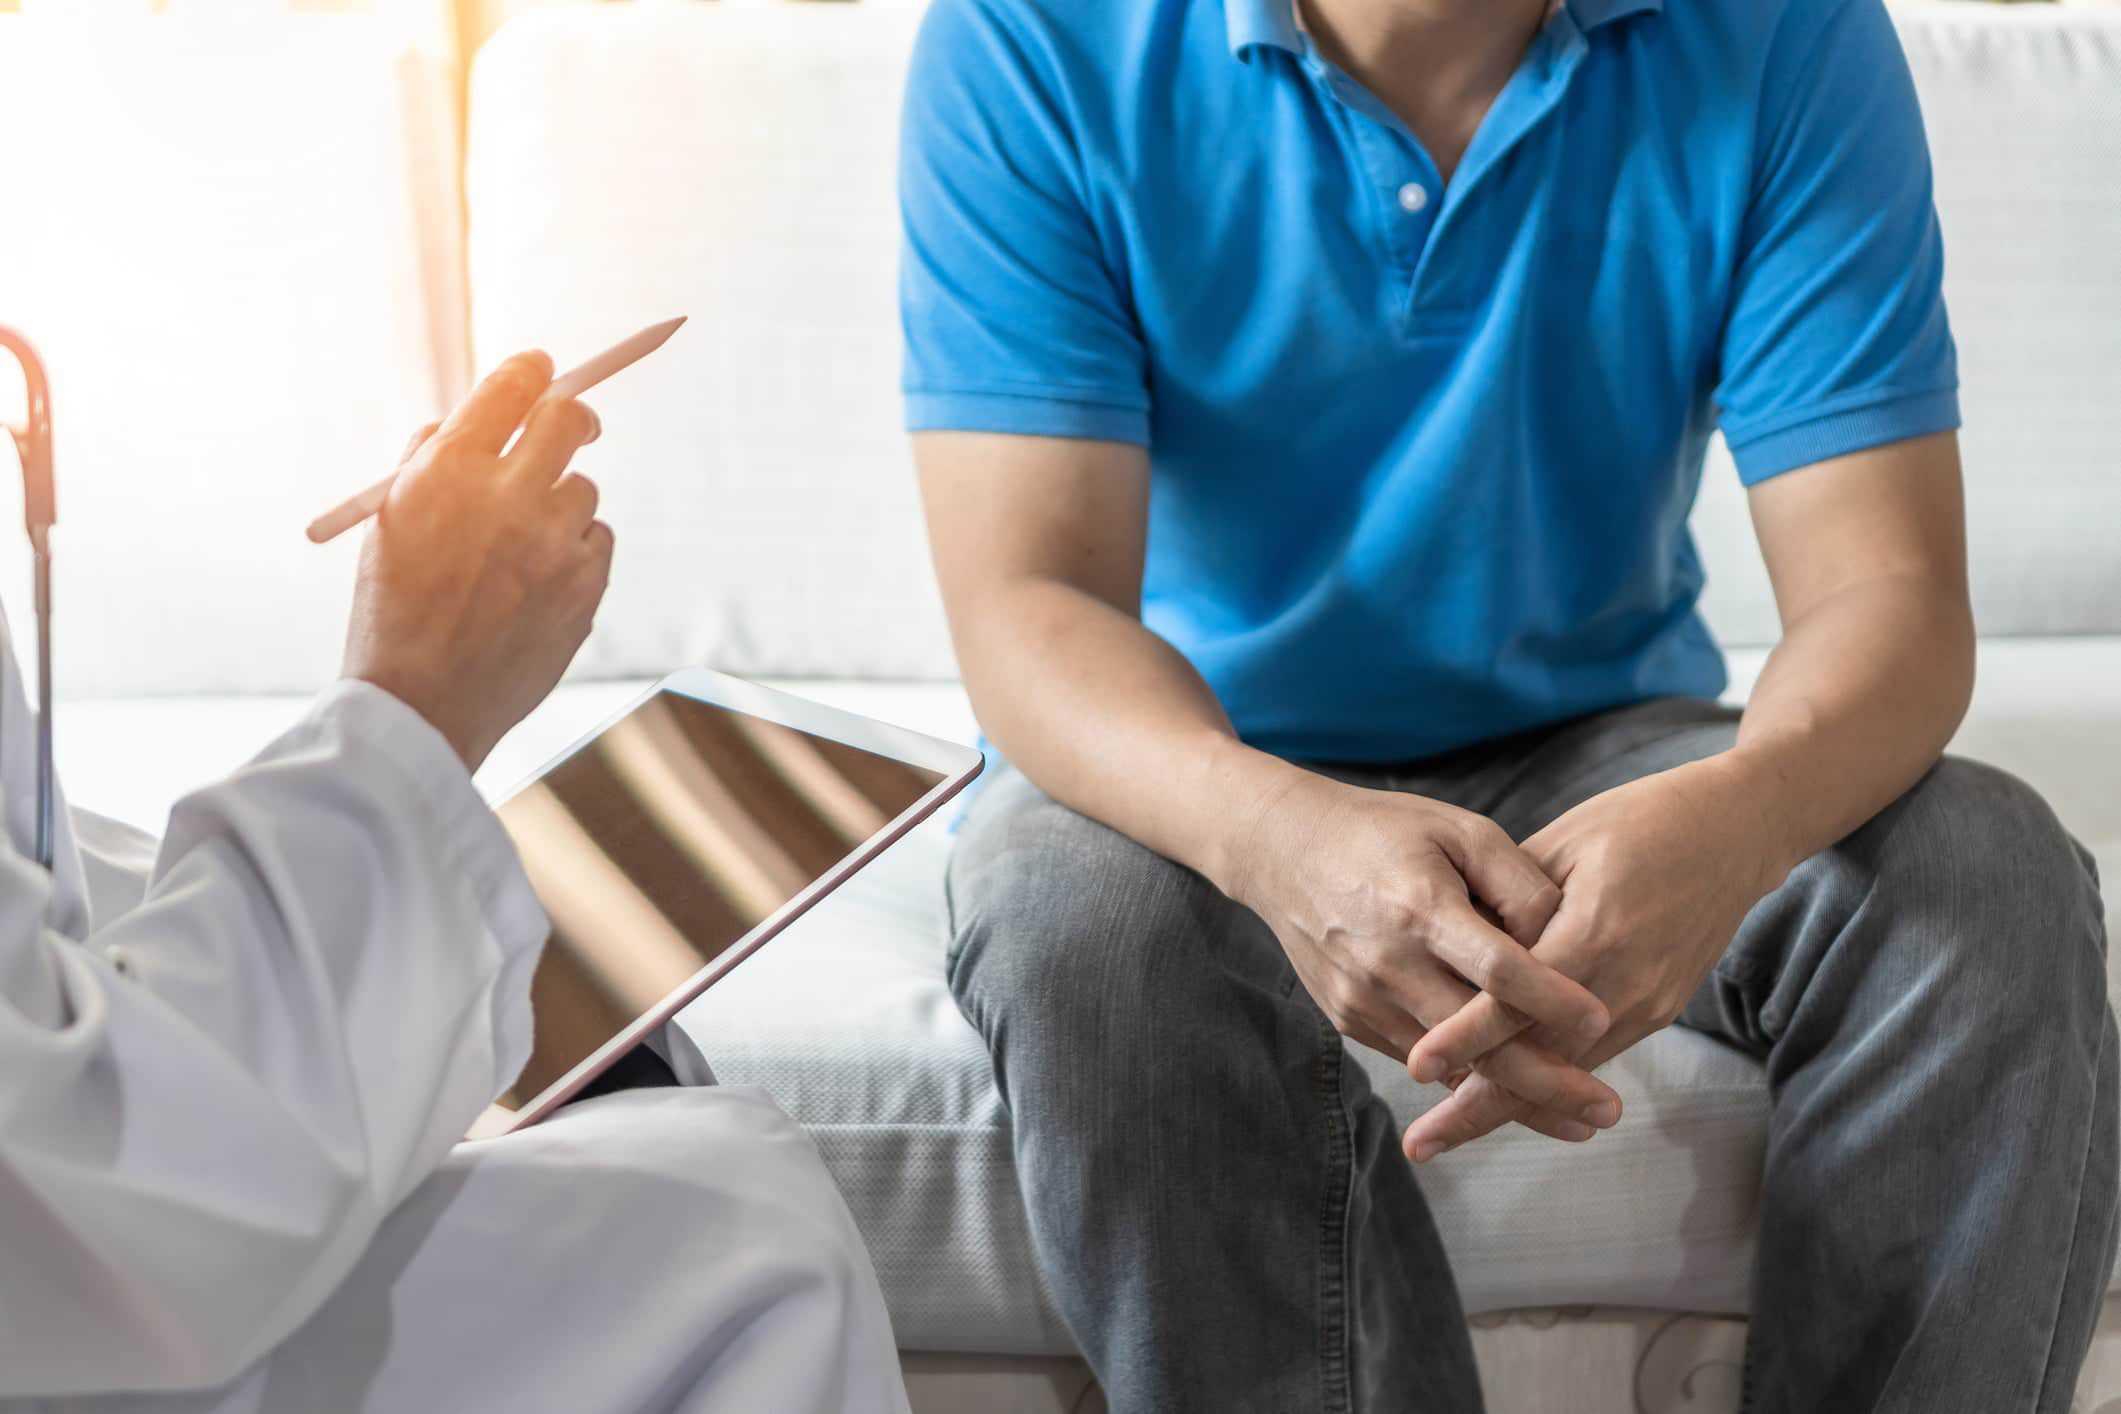 Próstata. La mejora alternativa natural para los problemas de este órgano 1